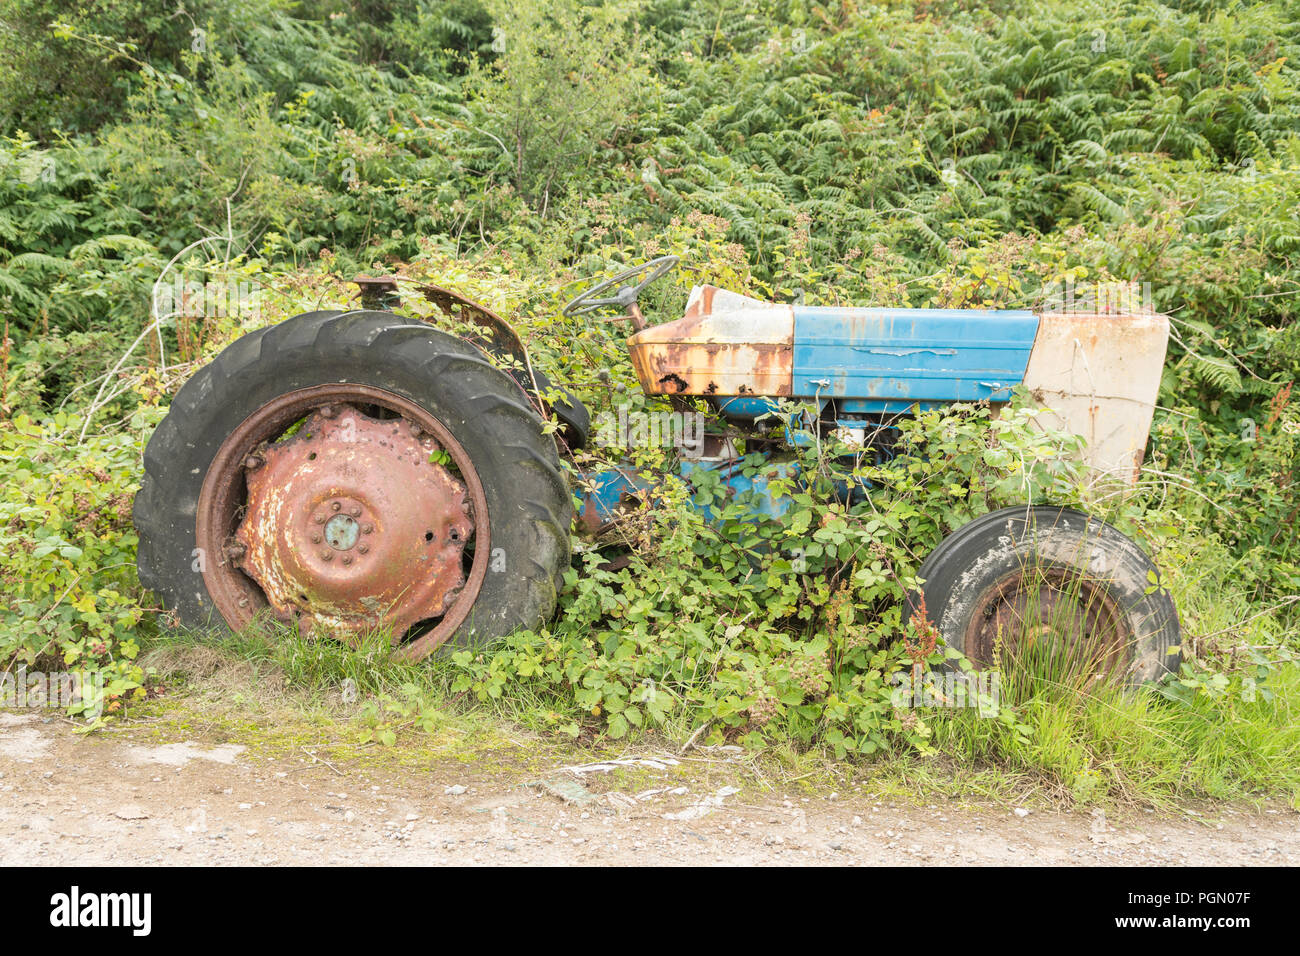 Azienda abbandonata macchinari trattore su Island - Isola di Gigha, Scotland, Regno Unito Immagini Stock